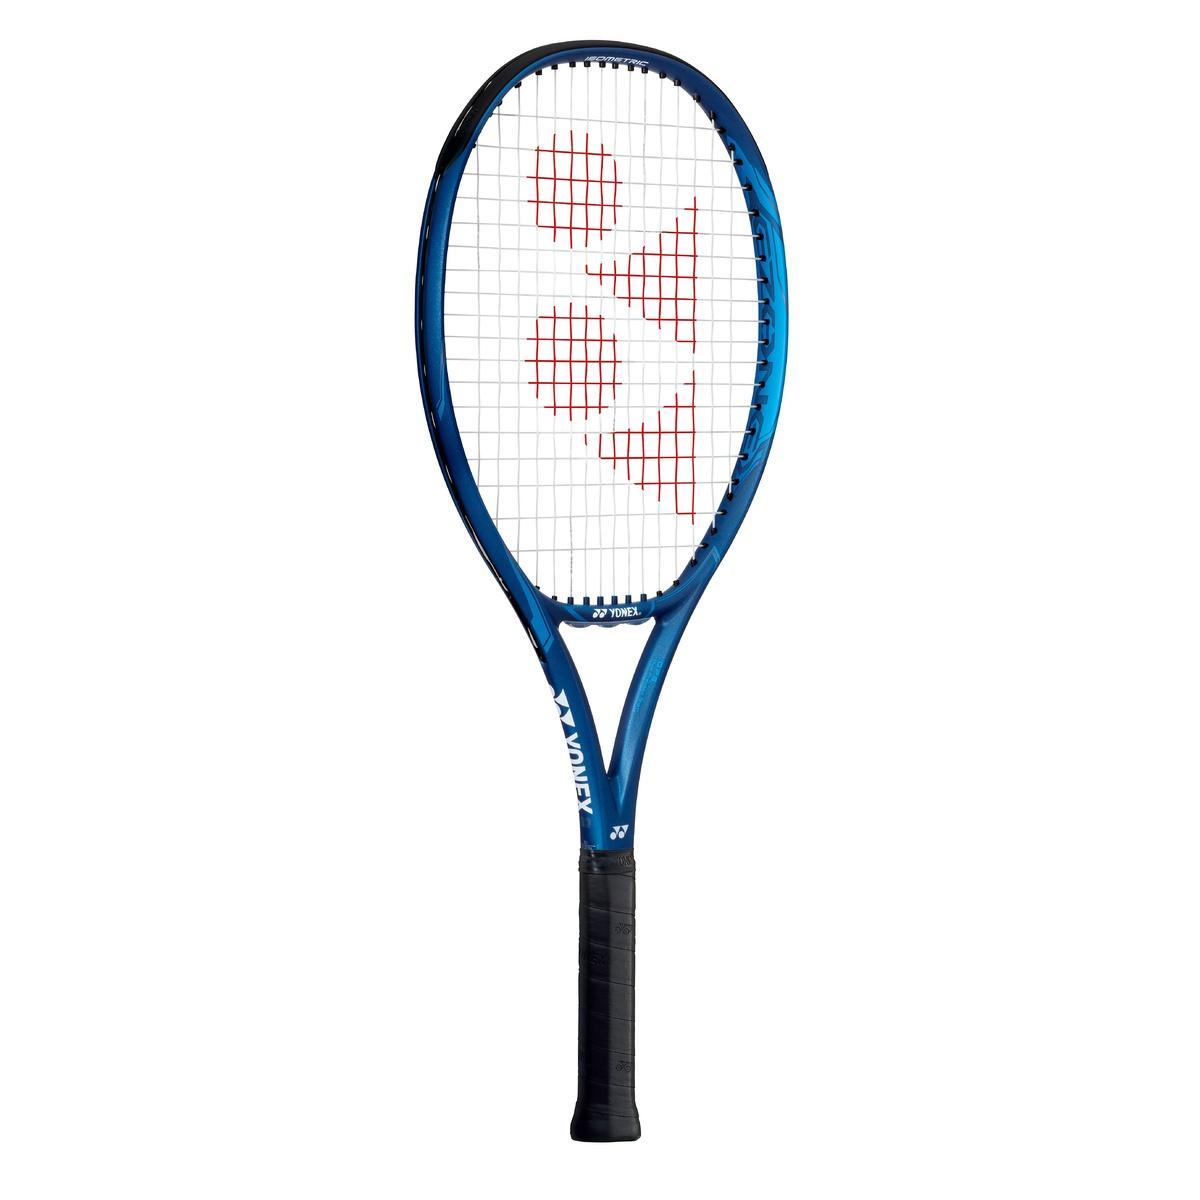 ヨネックス テニス ジュニア 張り上げラケット Eゾーン26 YONEX YONEX (ヨネックス) Eゾーン26 テニス ジュニア 張り上げラケット G0 06EZ26G  566